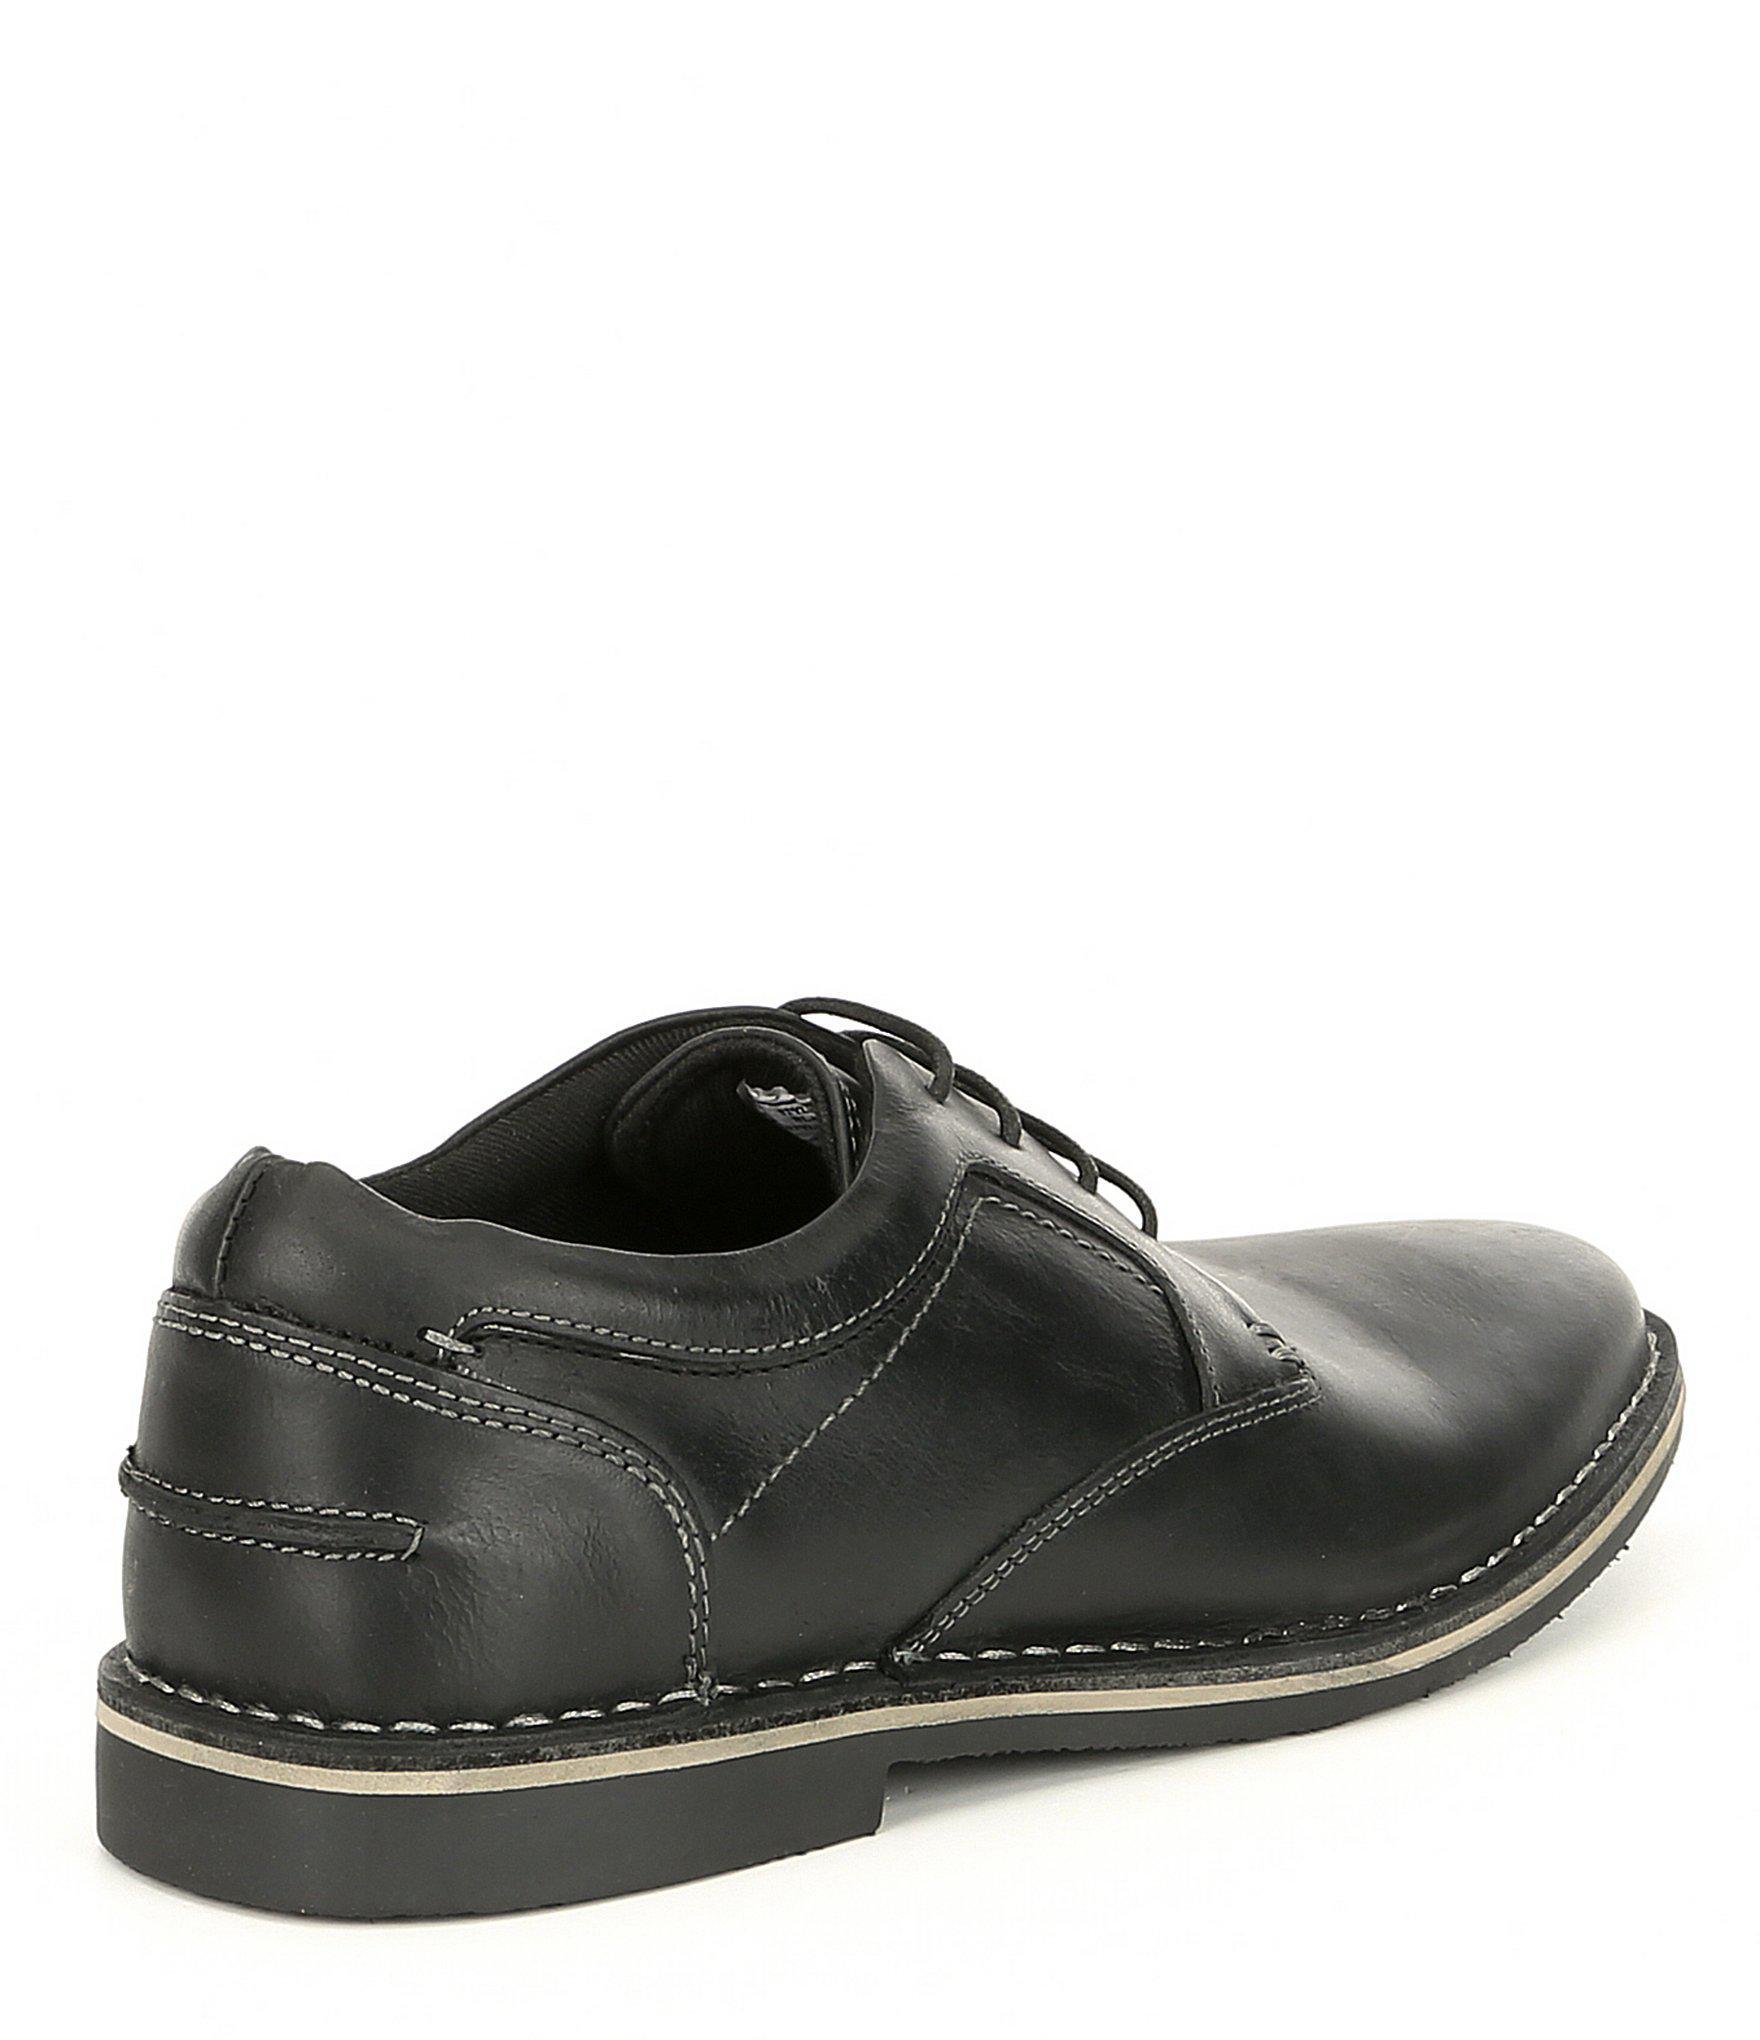 f61d1d619b76 Steve Madden - Black Men s Harver Oxford for Men - Lyst. View fullscreen